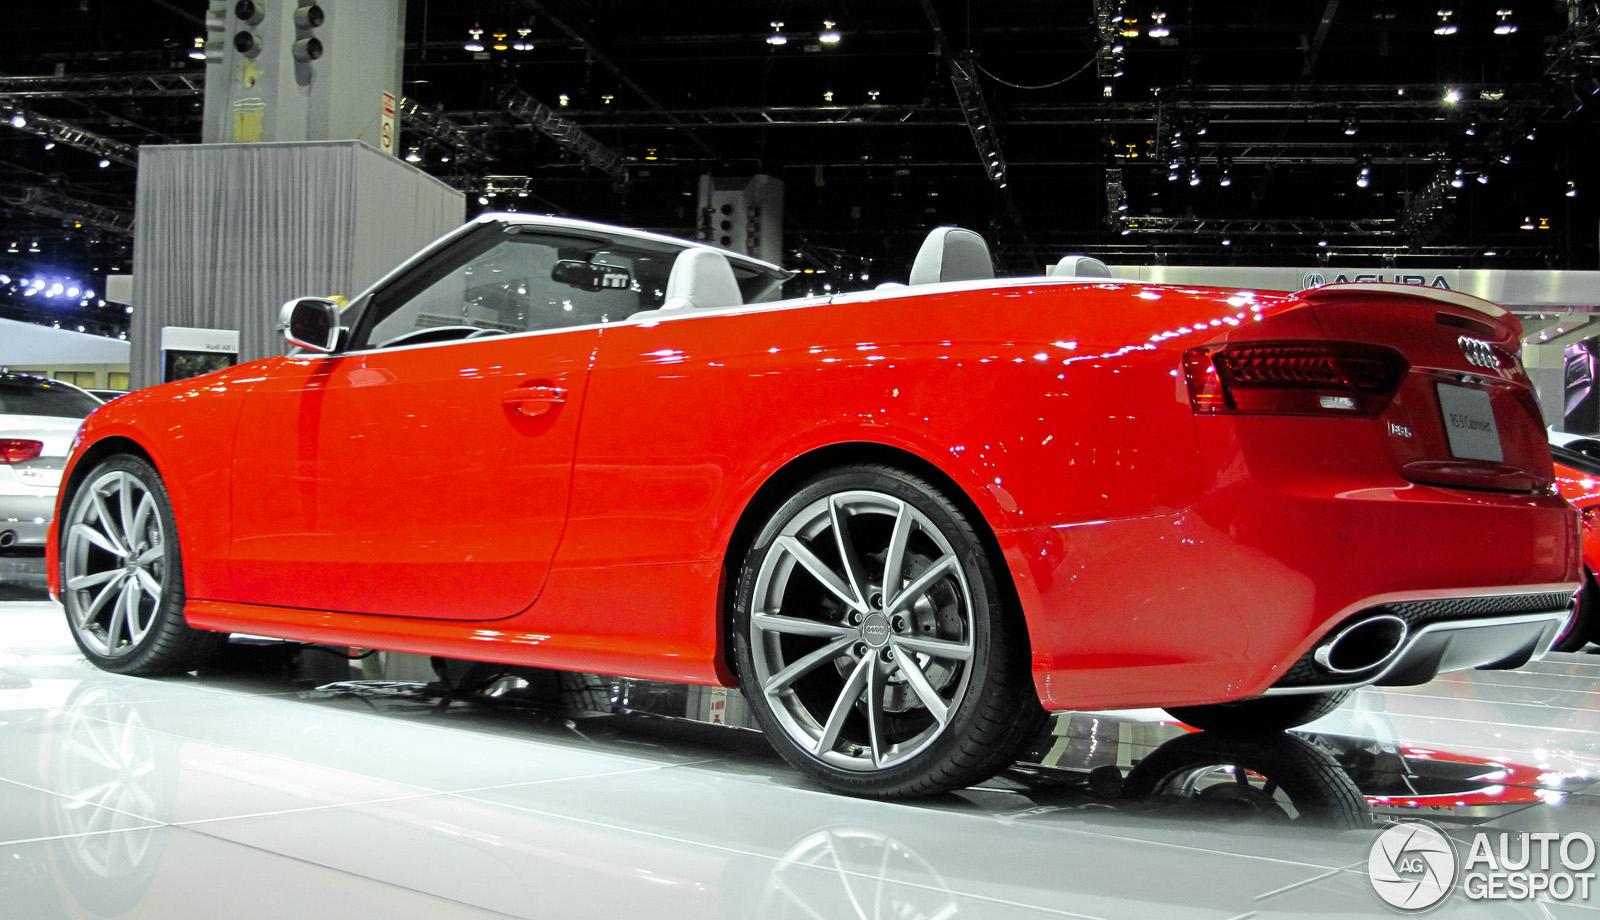 chicago motor show 2013 audi rs5 cabriolet. Black Bedroom Furniture Sets. Home Design Ideas